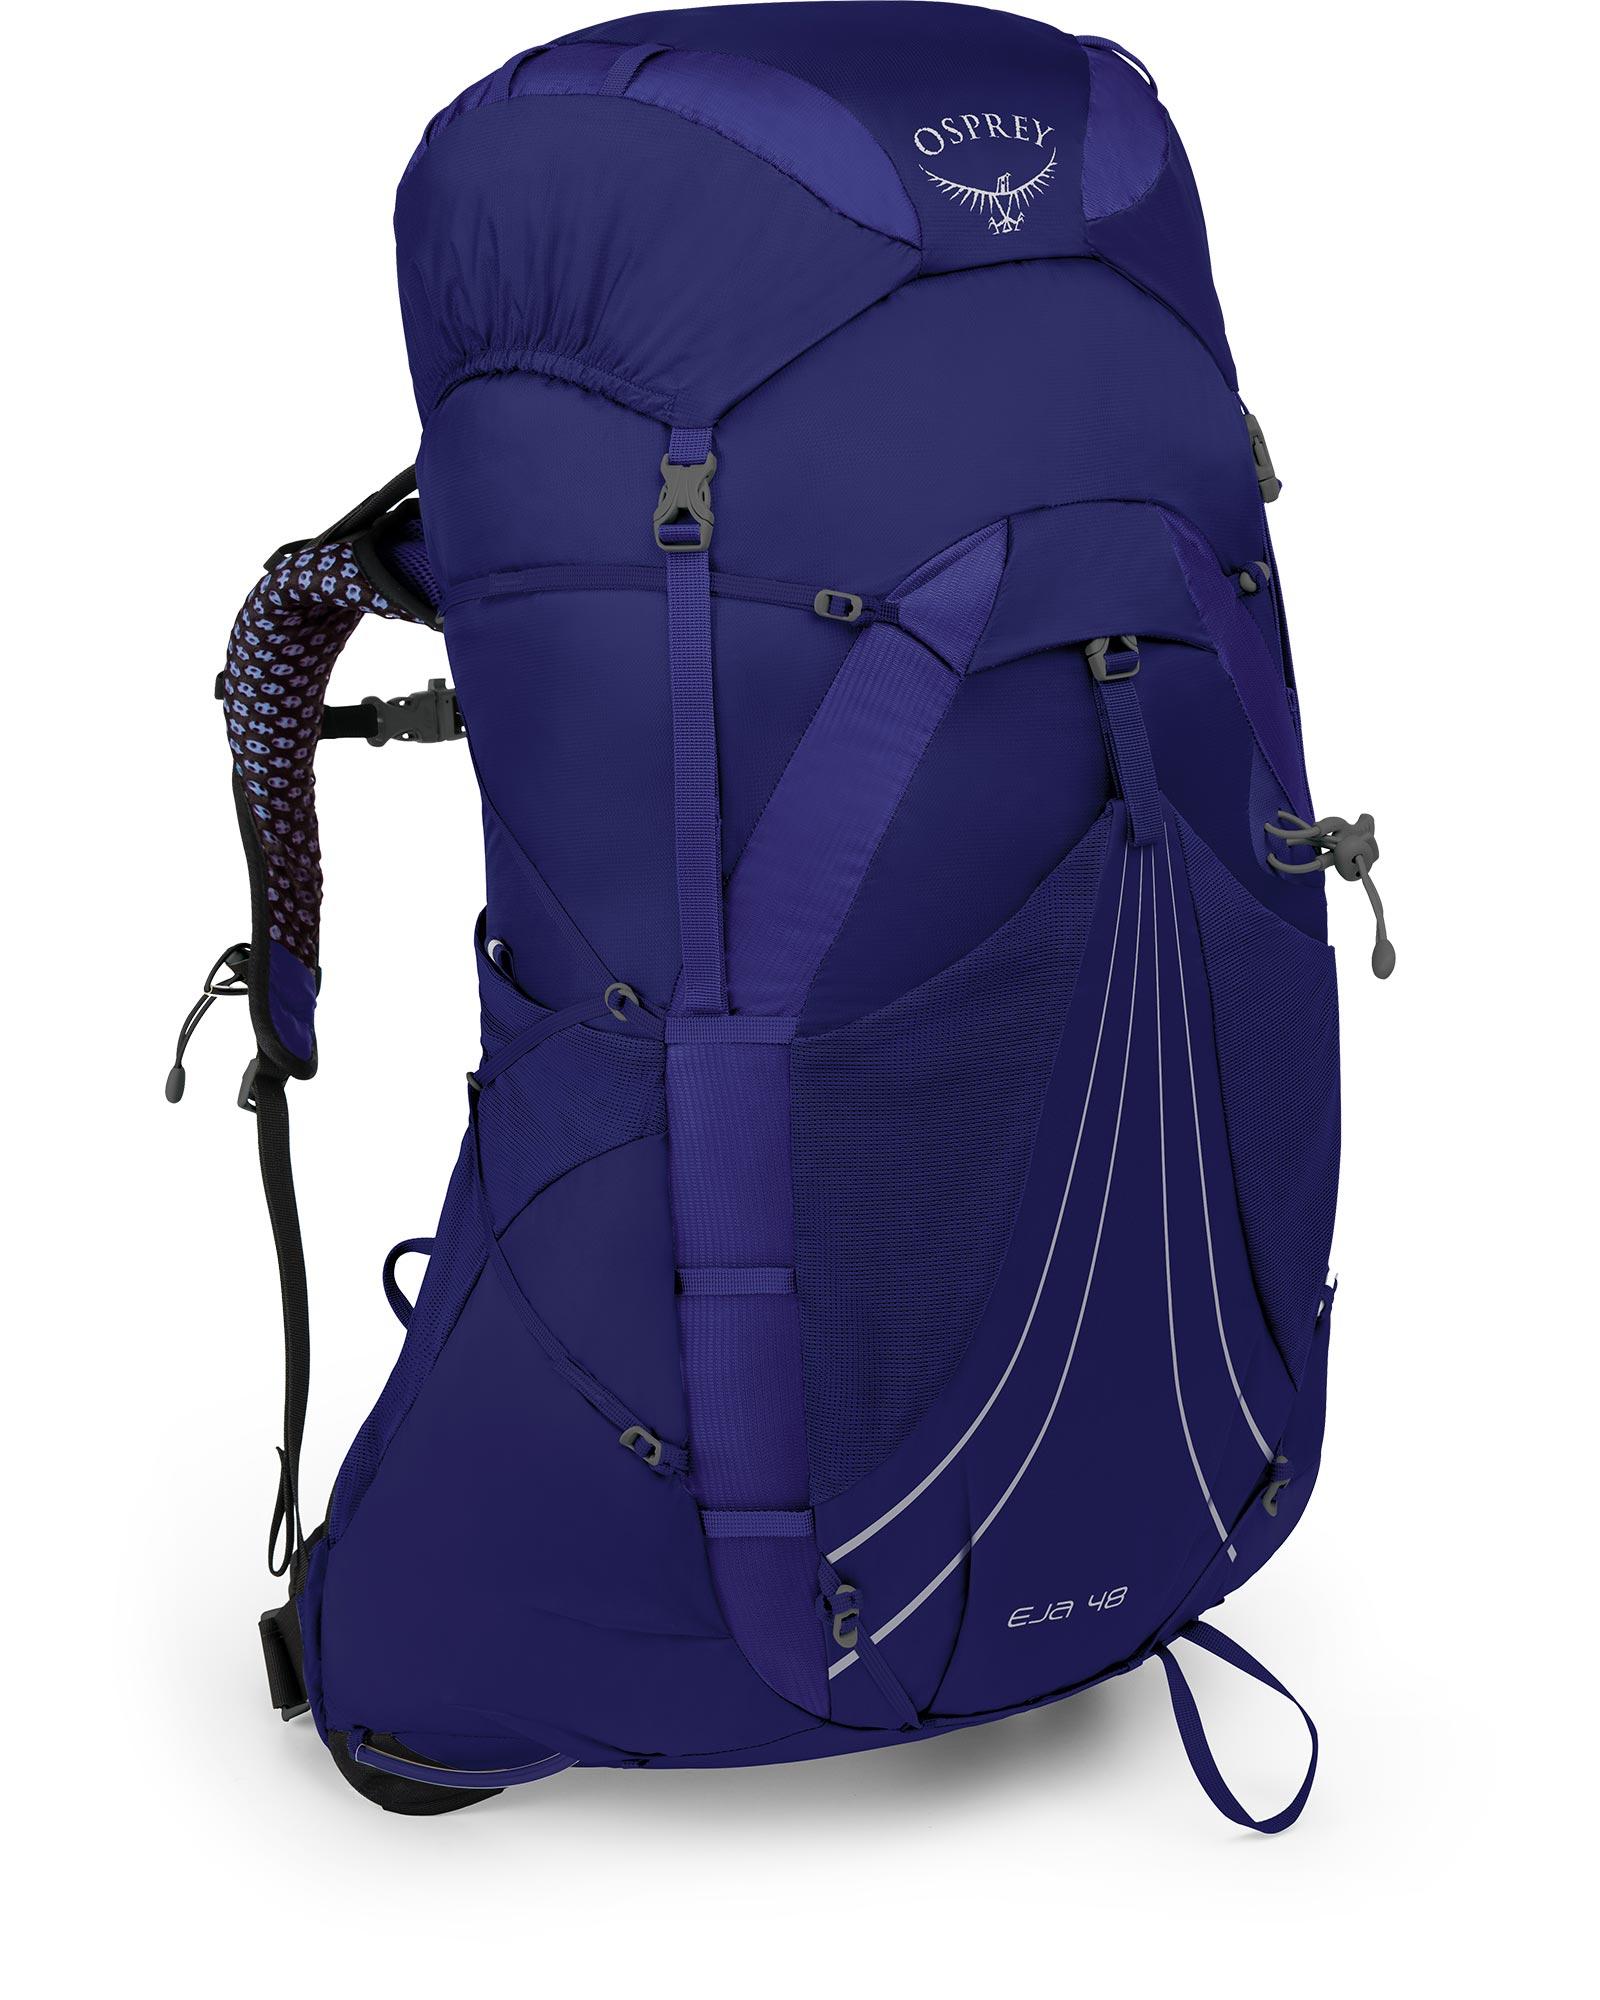 Osprey Women's Eja 48 Backpack 0